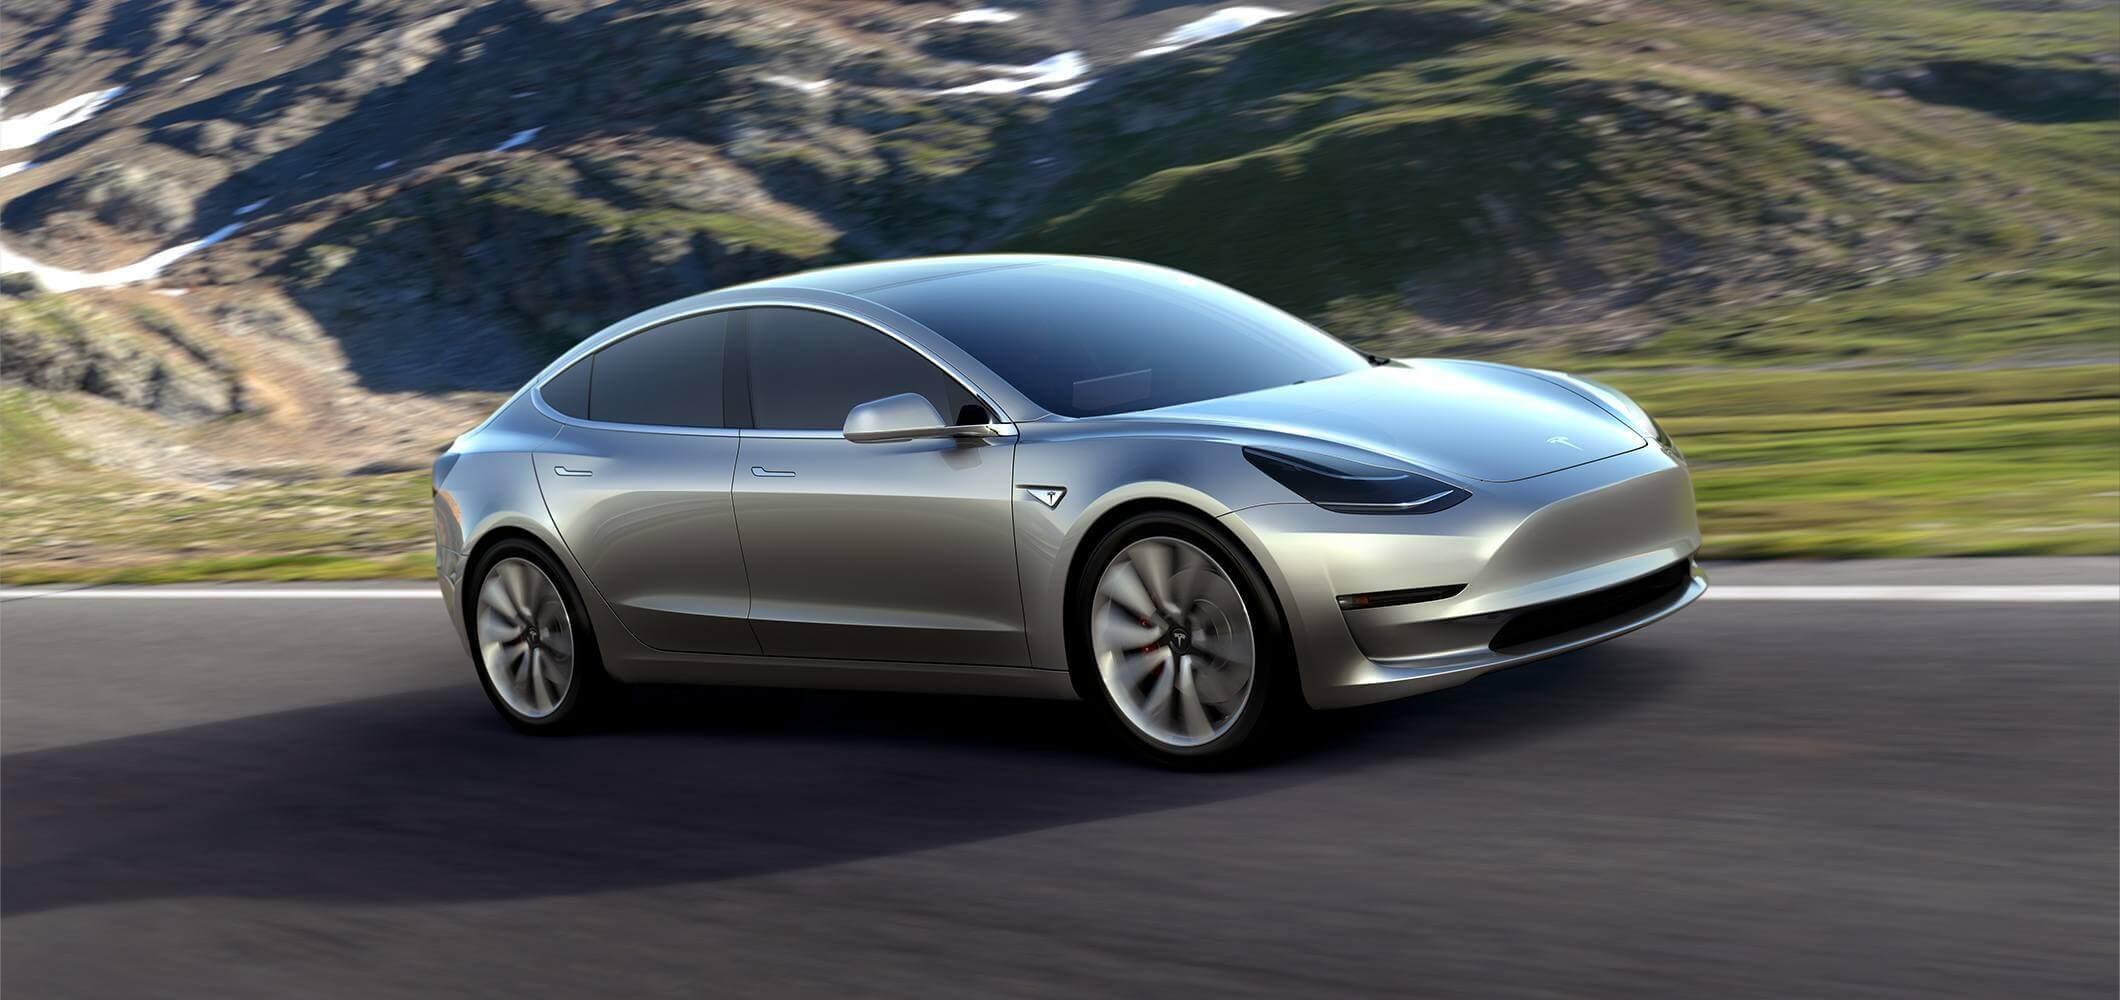 Tesla Model 3 : la disparition du tableau de bord est-elle légale ?